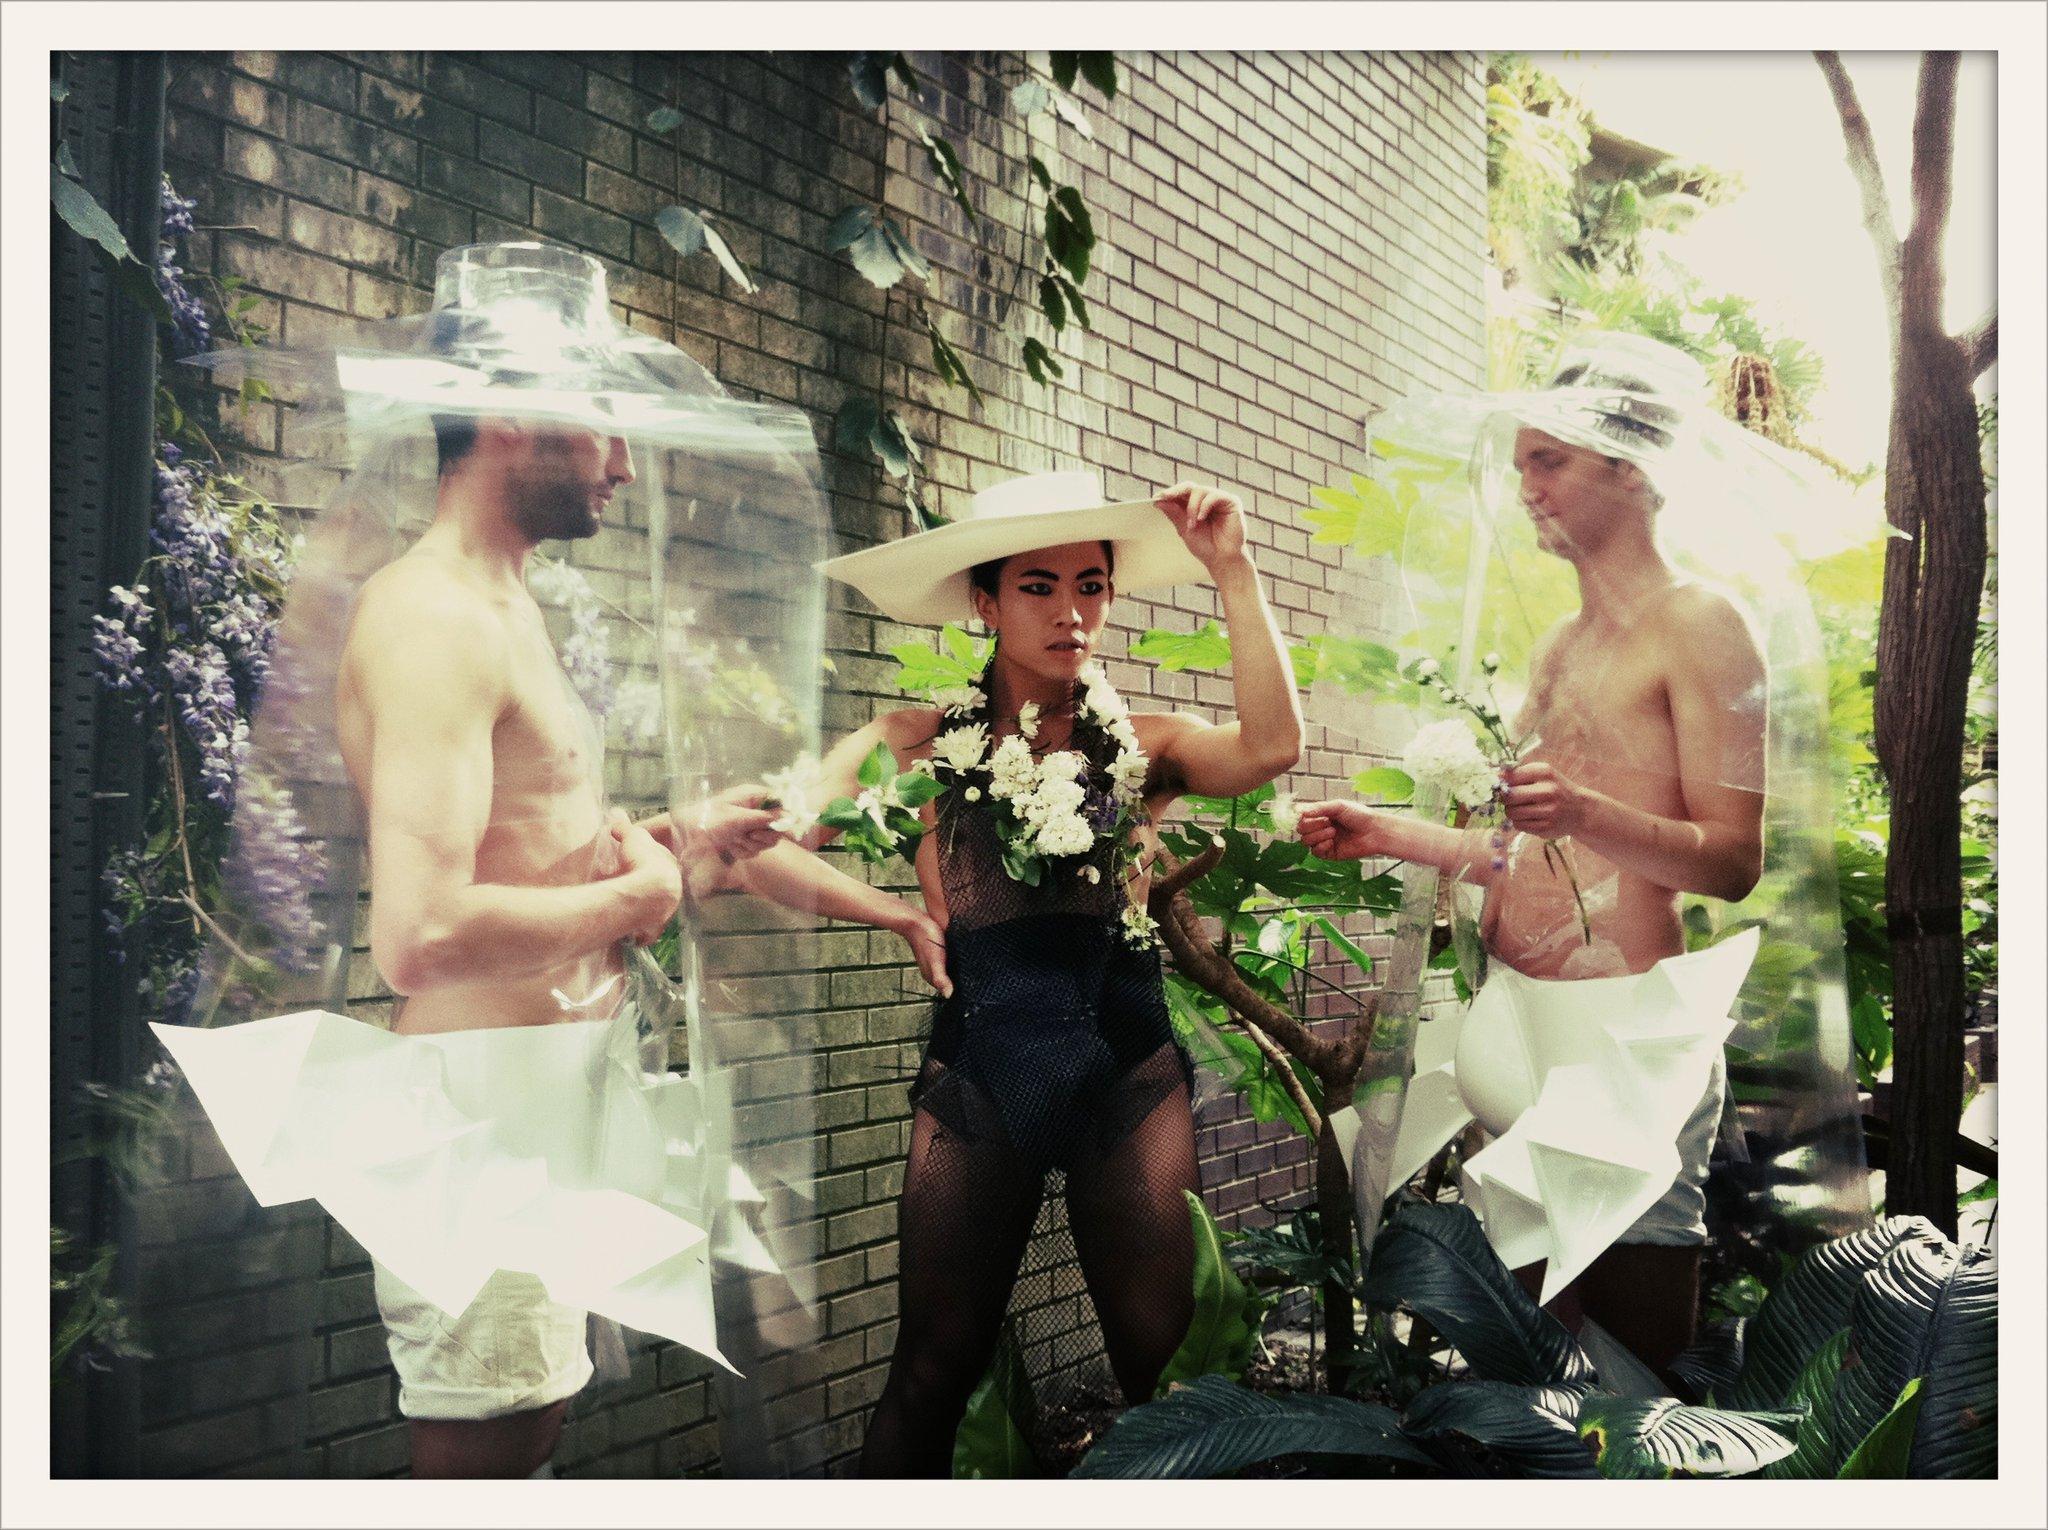 Germination (The Avant-Garden Bodysculptures) - The Barbican